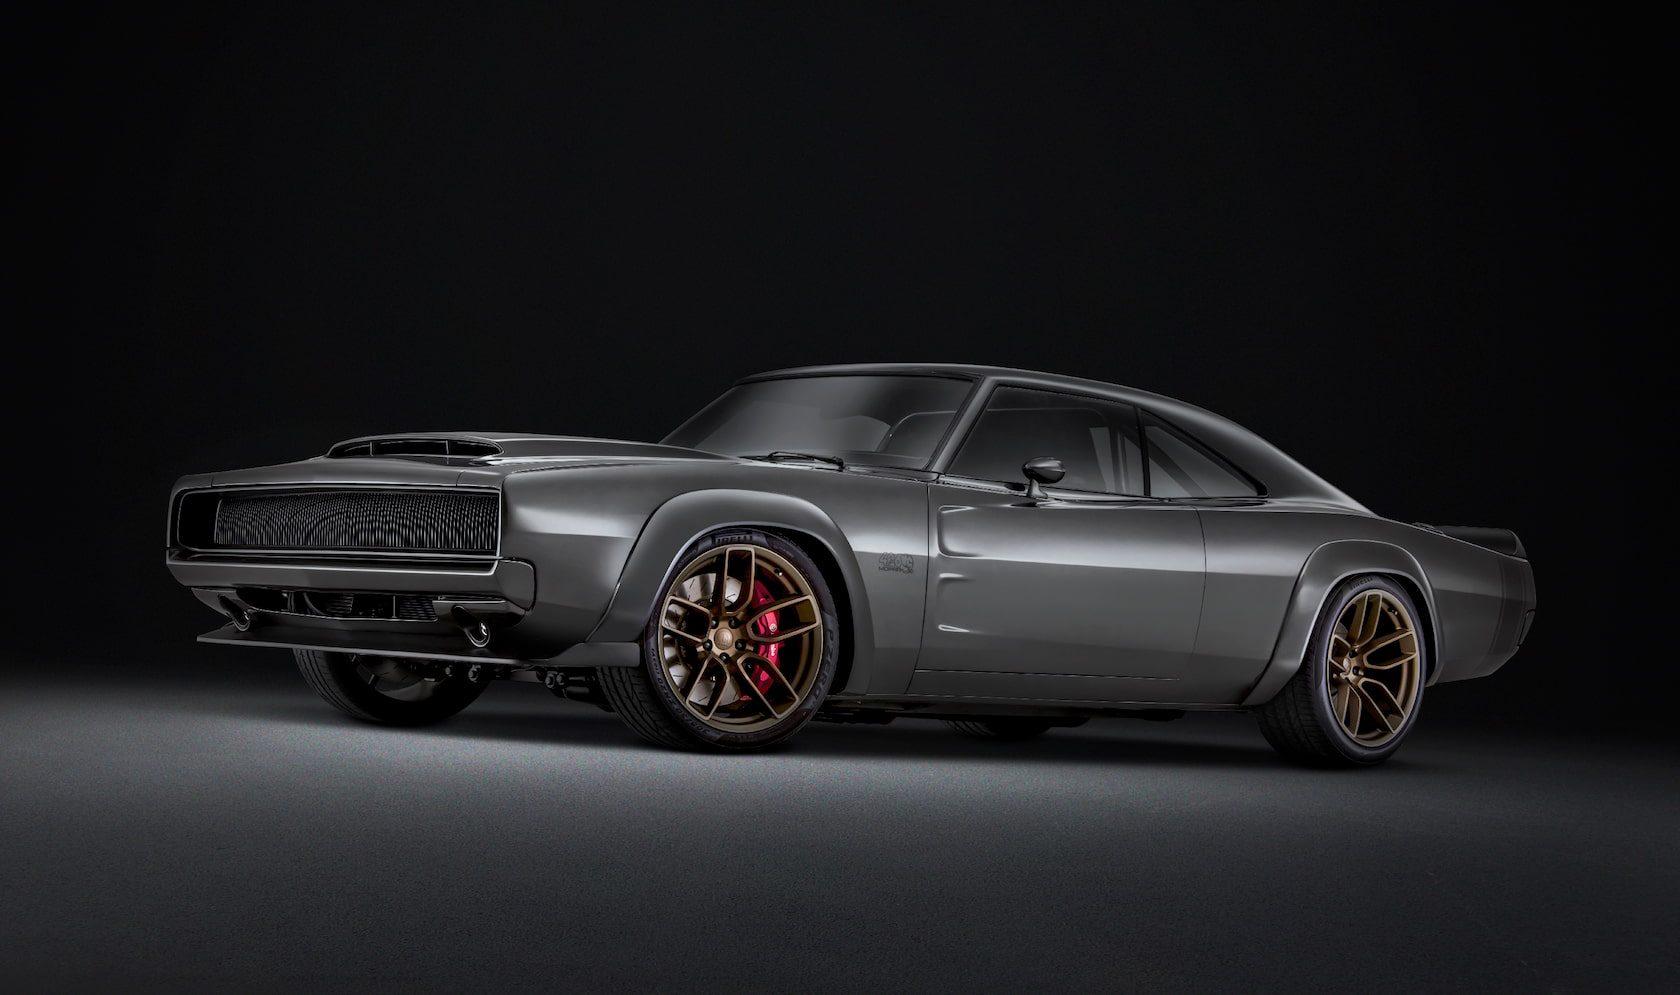 Este Mopar Hellephant V8 de 1.000 hp é um excesso glorioso da velha escola